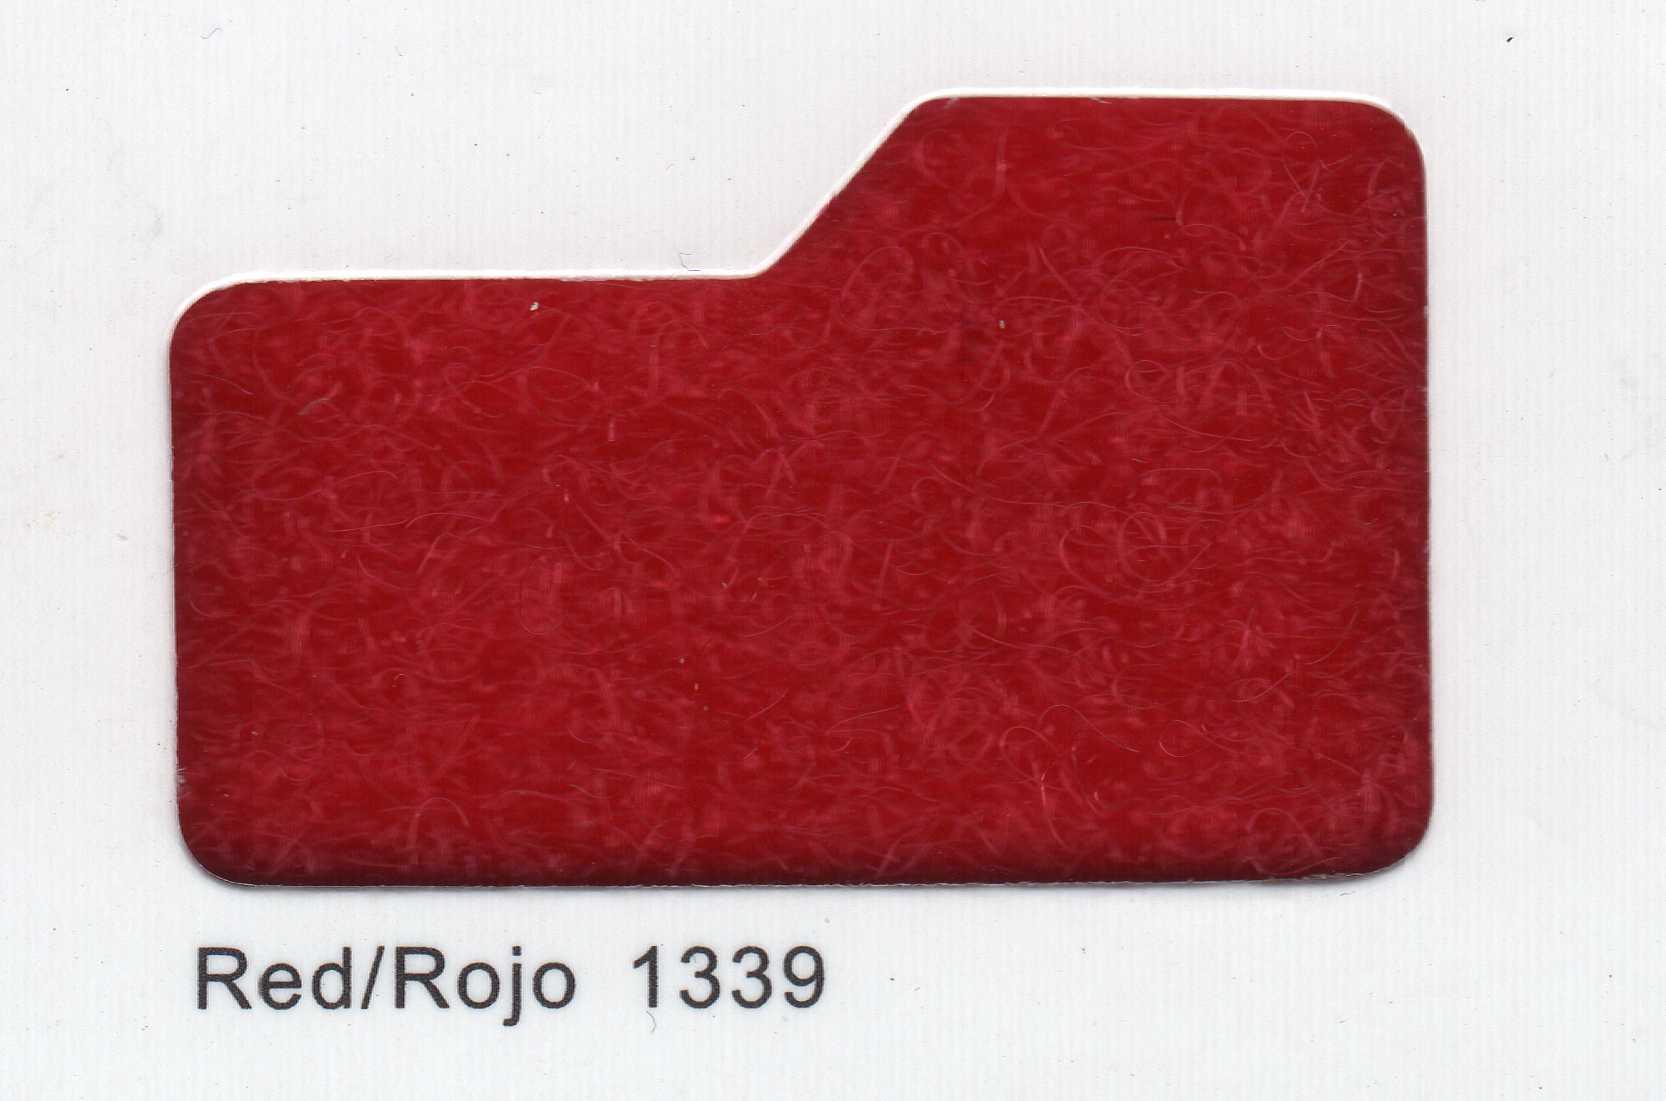 Cinta de cierre Velcro-Veraco 30mm Rojo 1339 (Rizo).